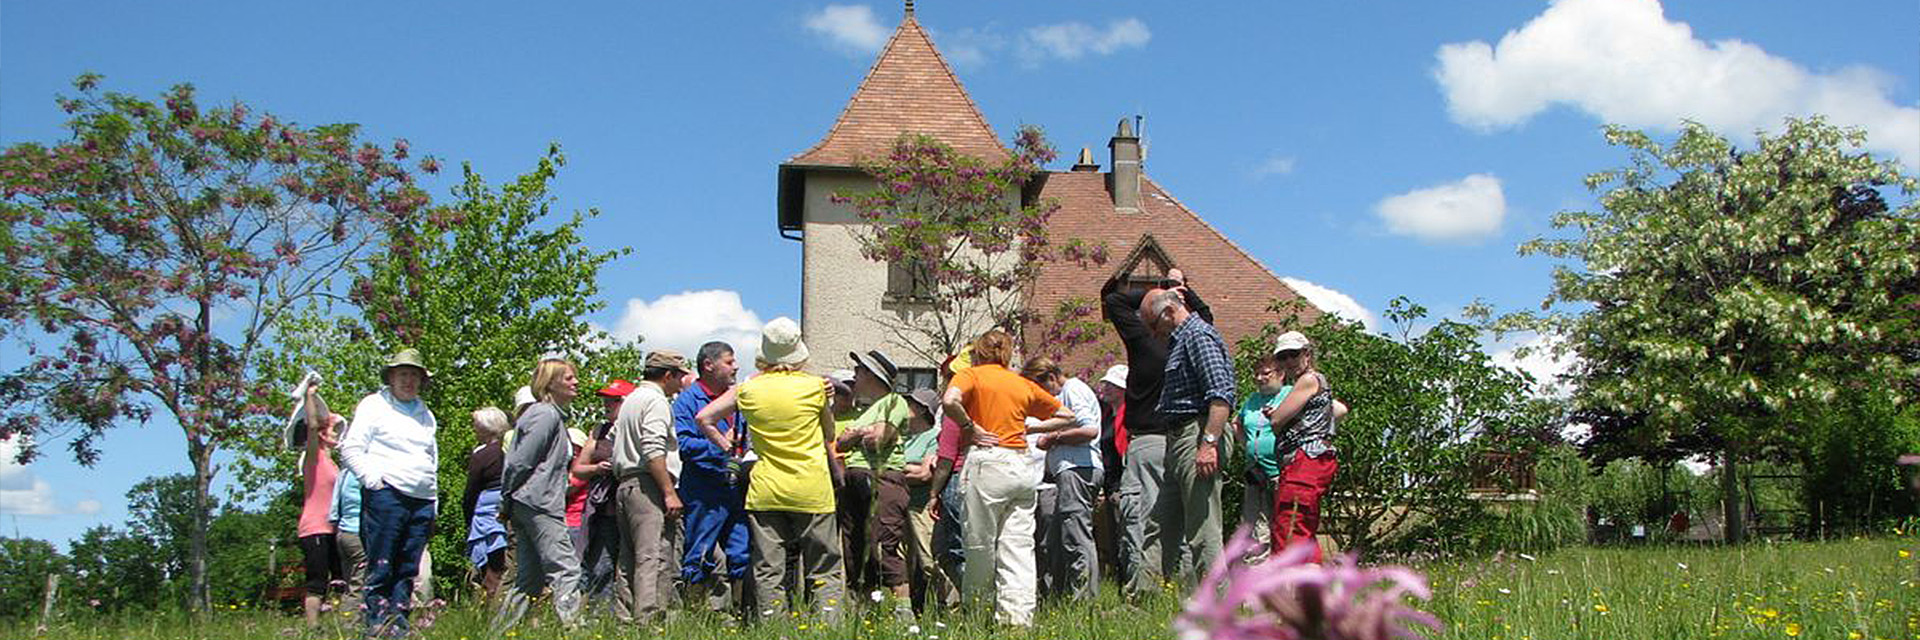 Village_club_vacances_périgord-quercy-terrou-groupe